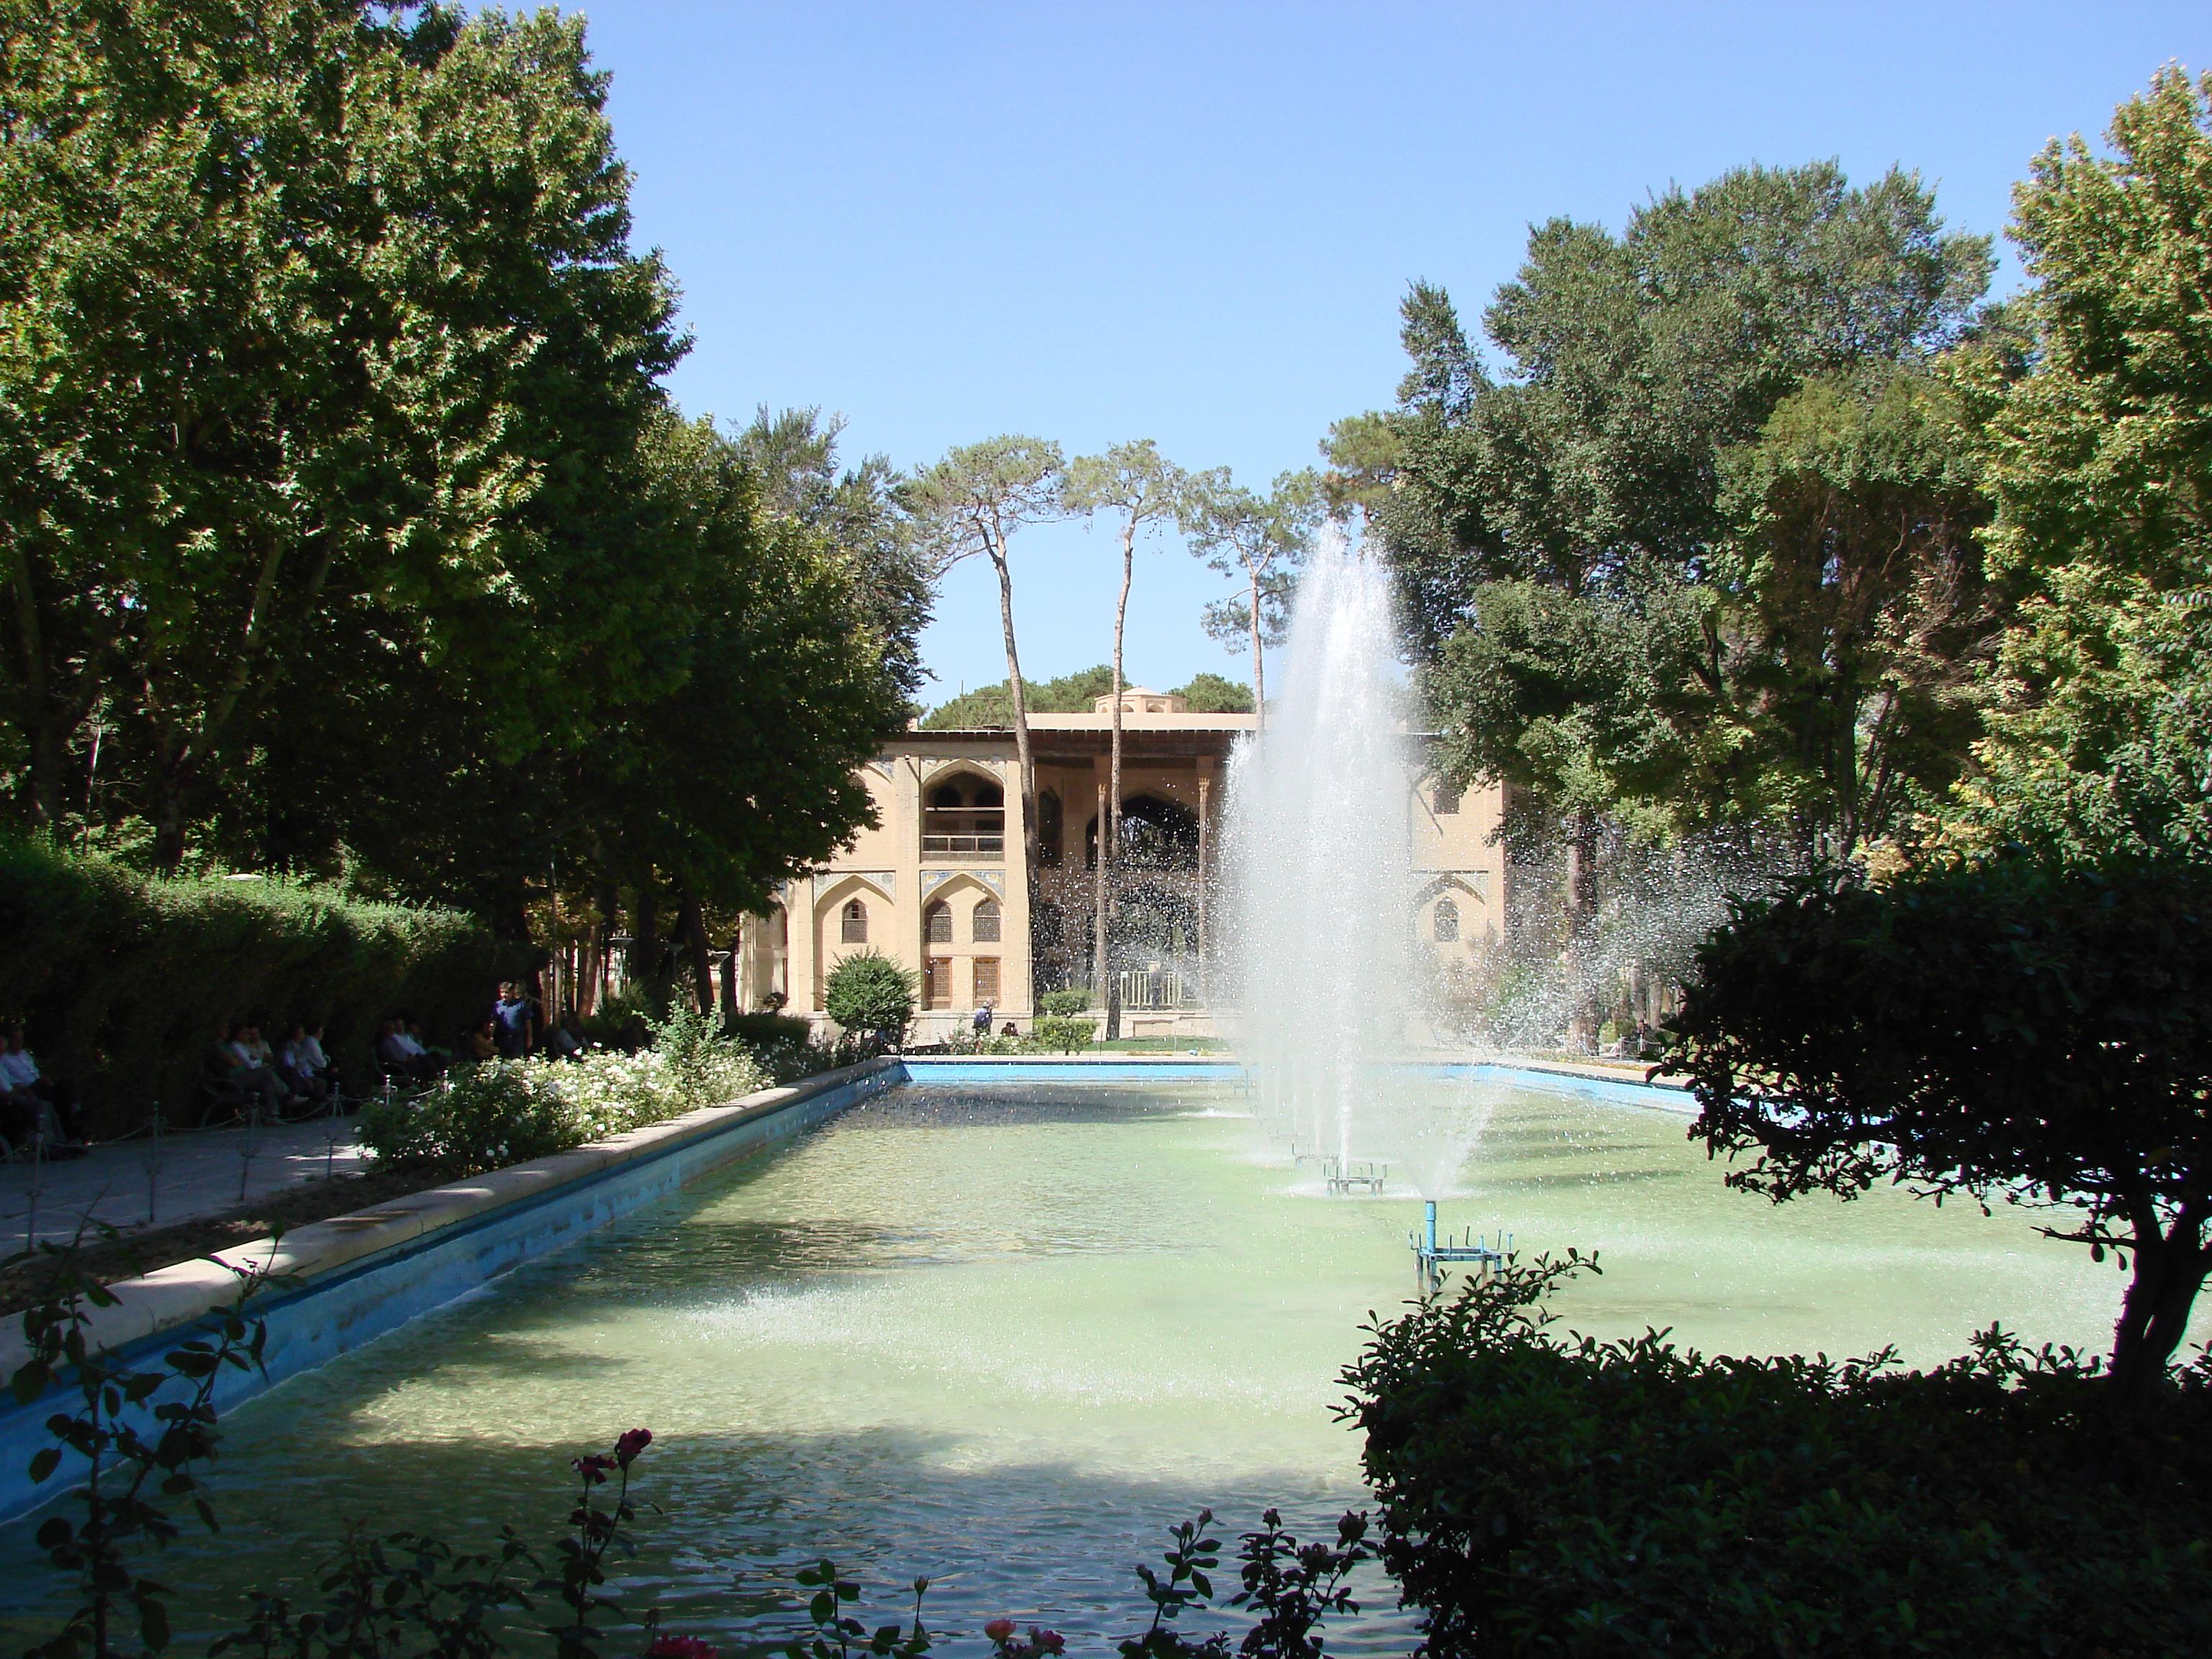 Fontänen im Wasserbecken vor dem Hascht-Behescht-Palast